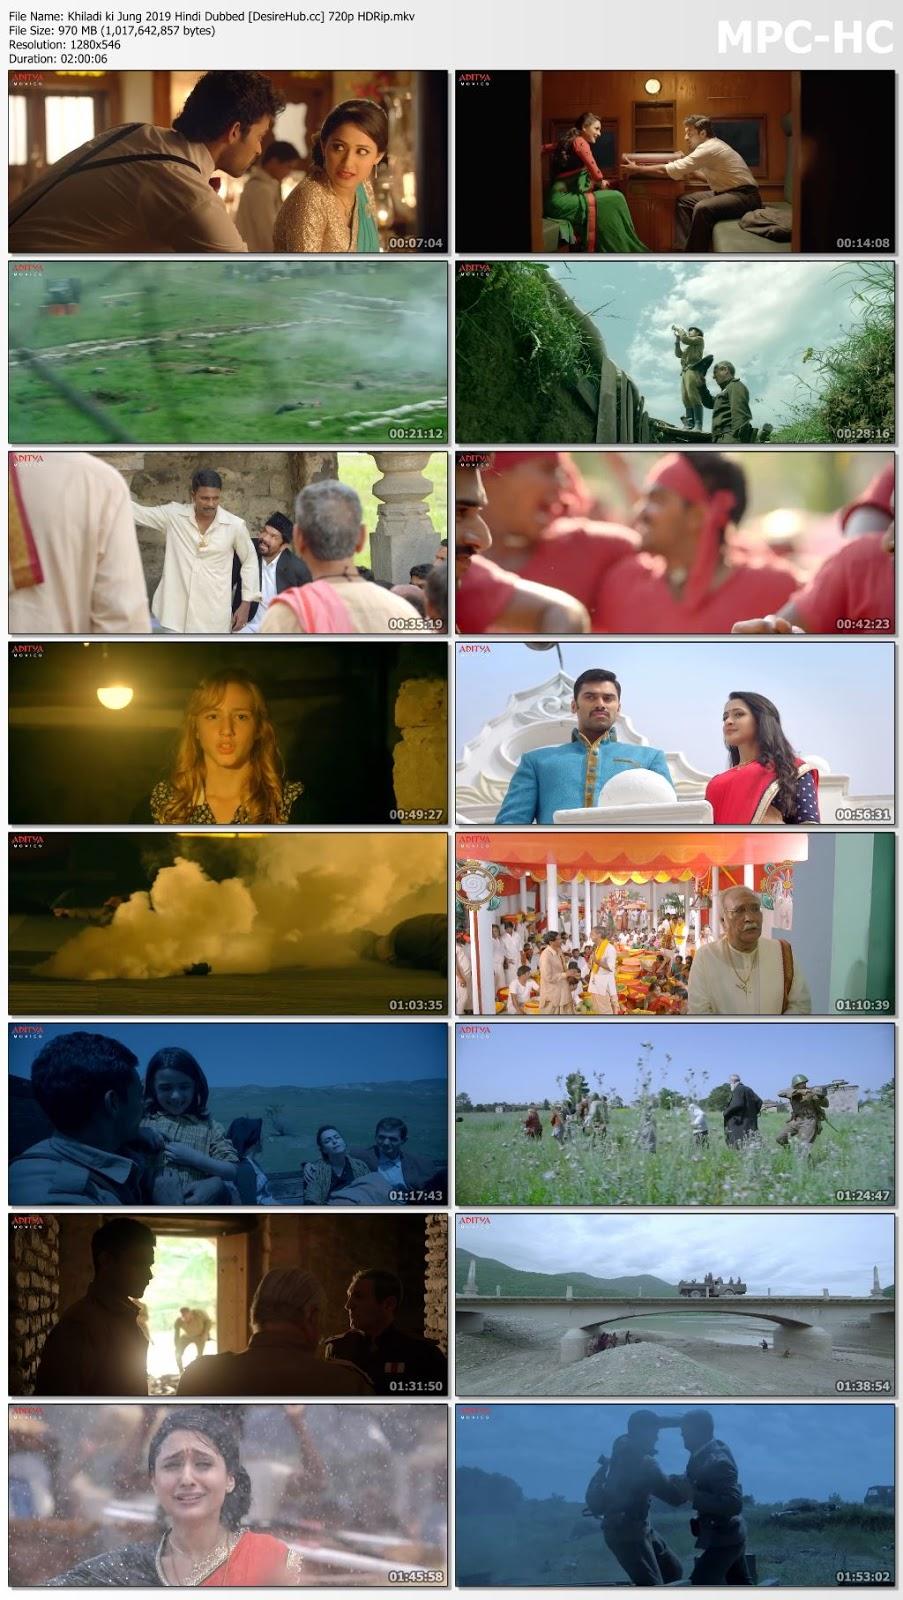 Khiladi ki Jung (Kanche) 2019 Hindi Dubbed 720p HDRip 950mb Desirehub